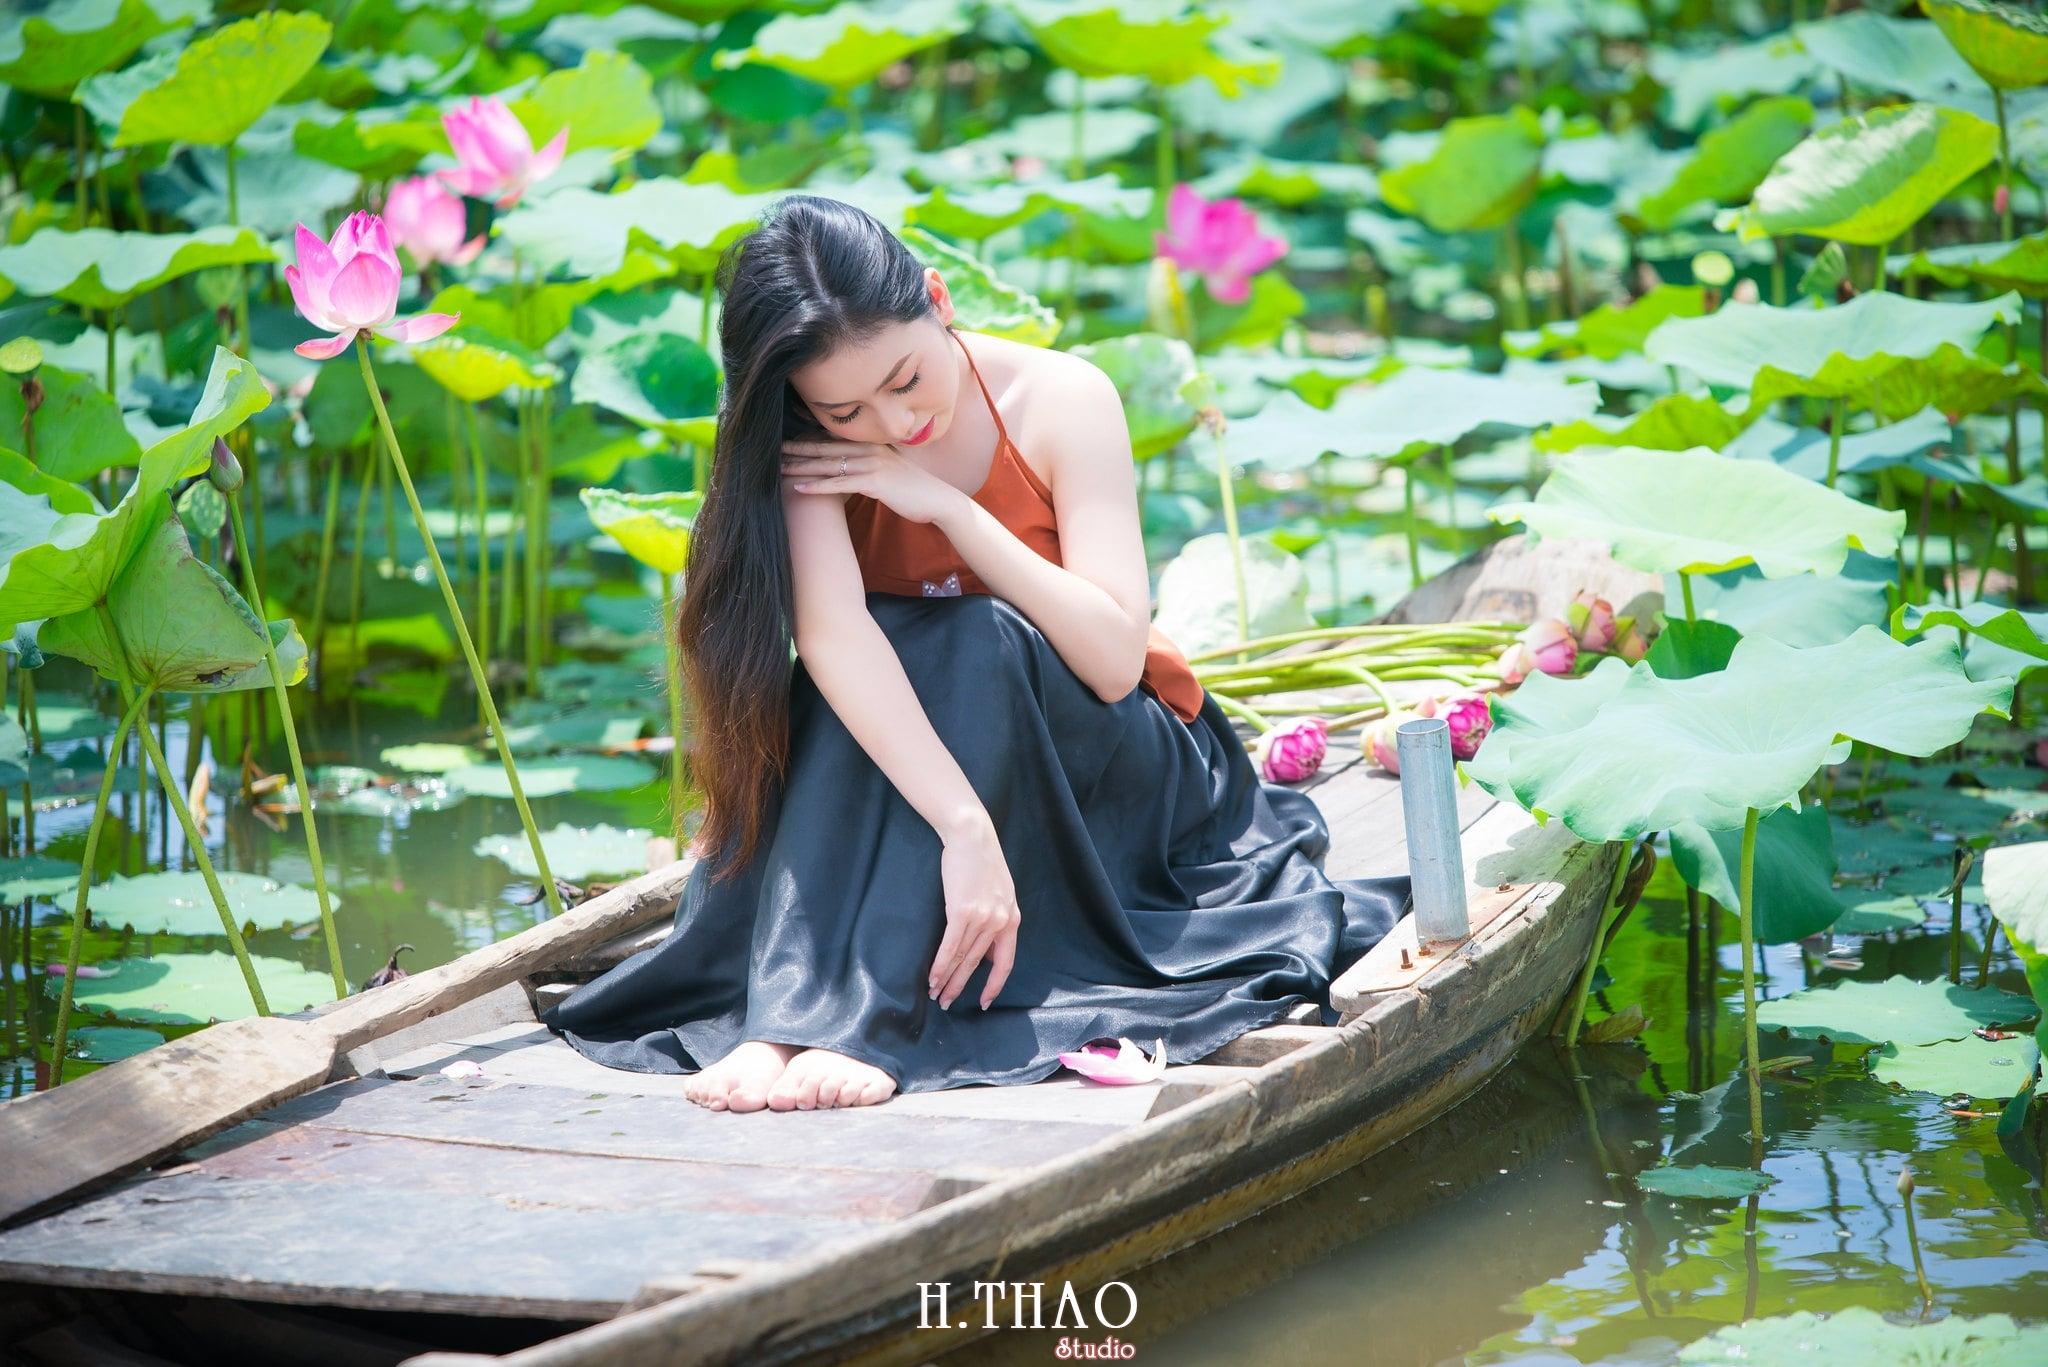 ao yem hoa sen 16 - Album ảnh chụp áo yếm với hoa sen đẹp dịu dàng - HThao Studio